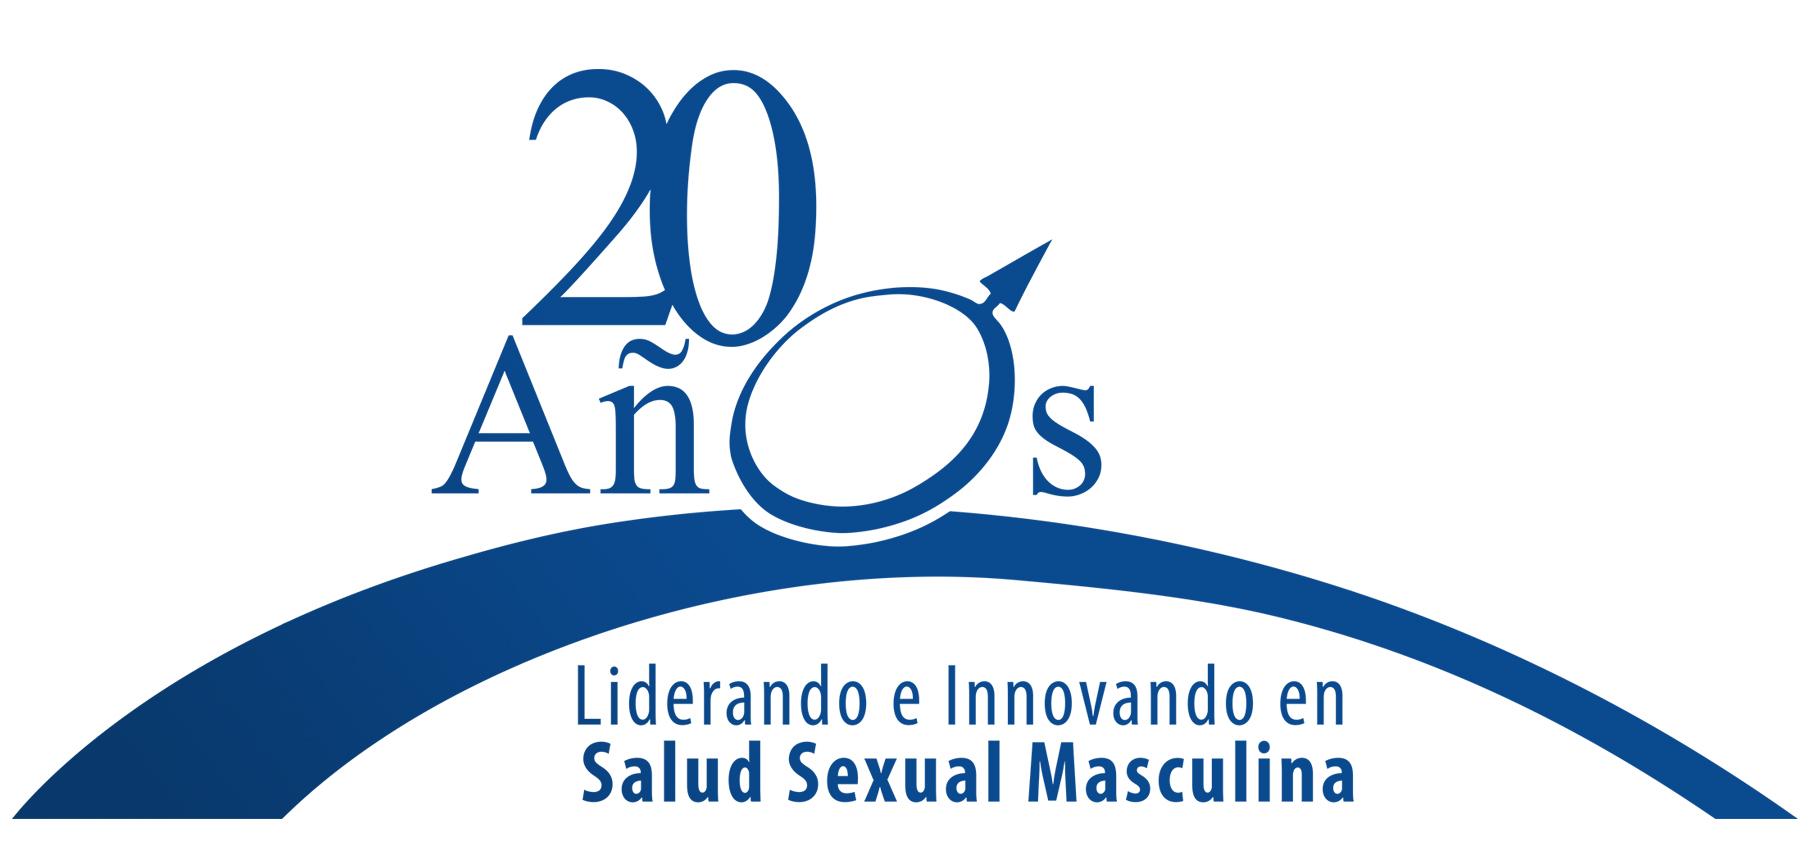 LOGO 20AÑOS AZUL1